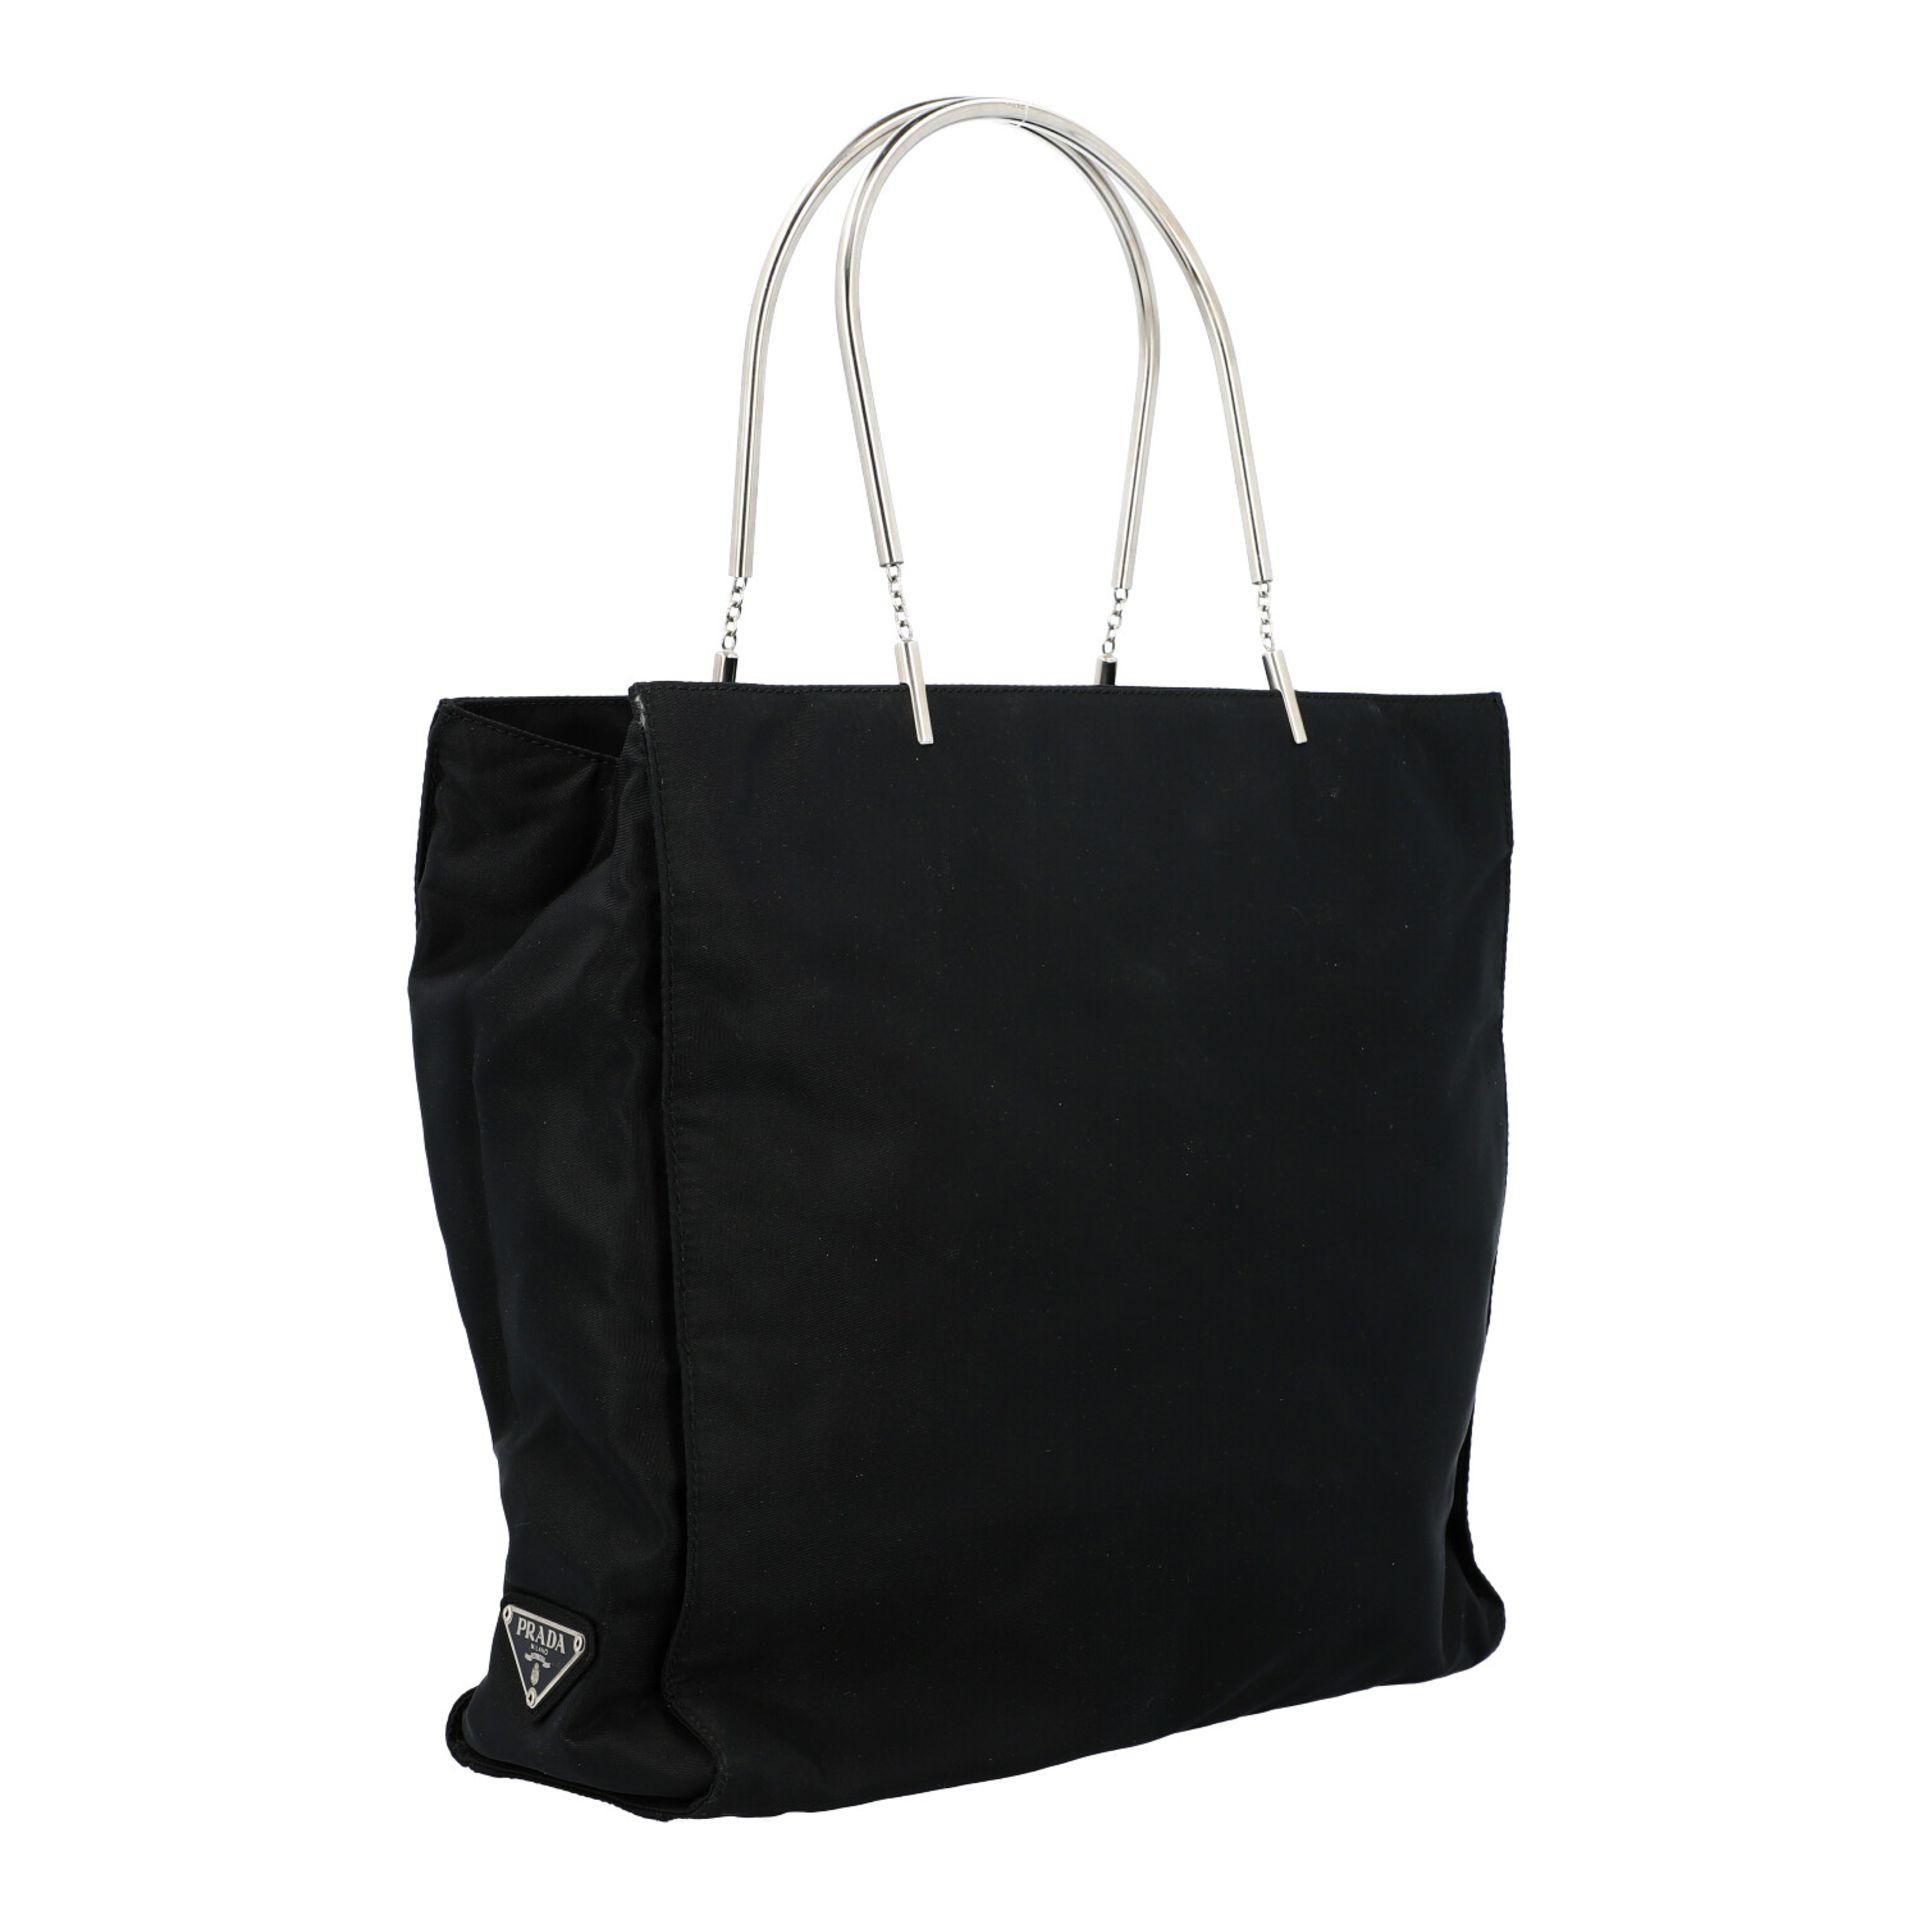 PRADA Henkeltasche. Modell aus schwarzem Nylon mit silberfarbenen Doppelhenkln aus Met - Image 2 of 7